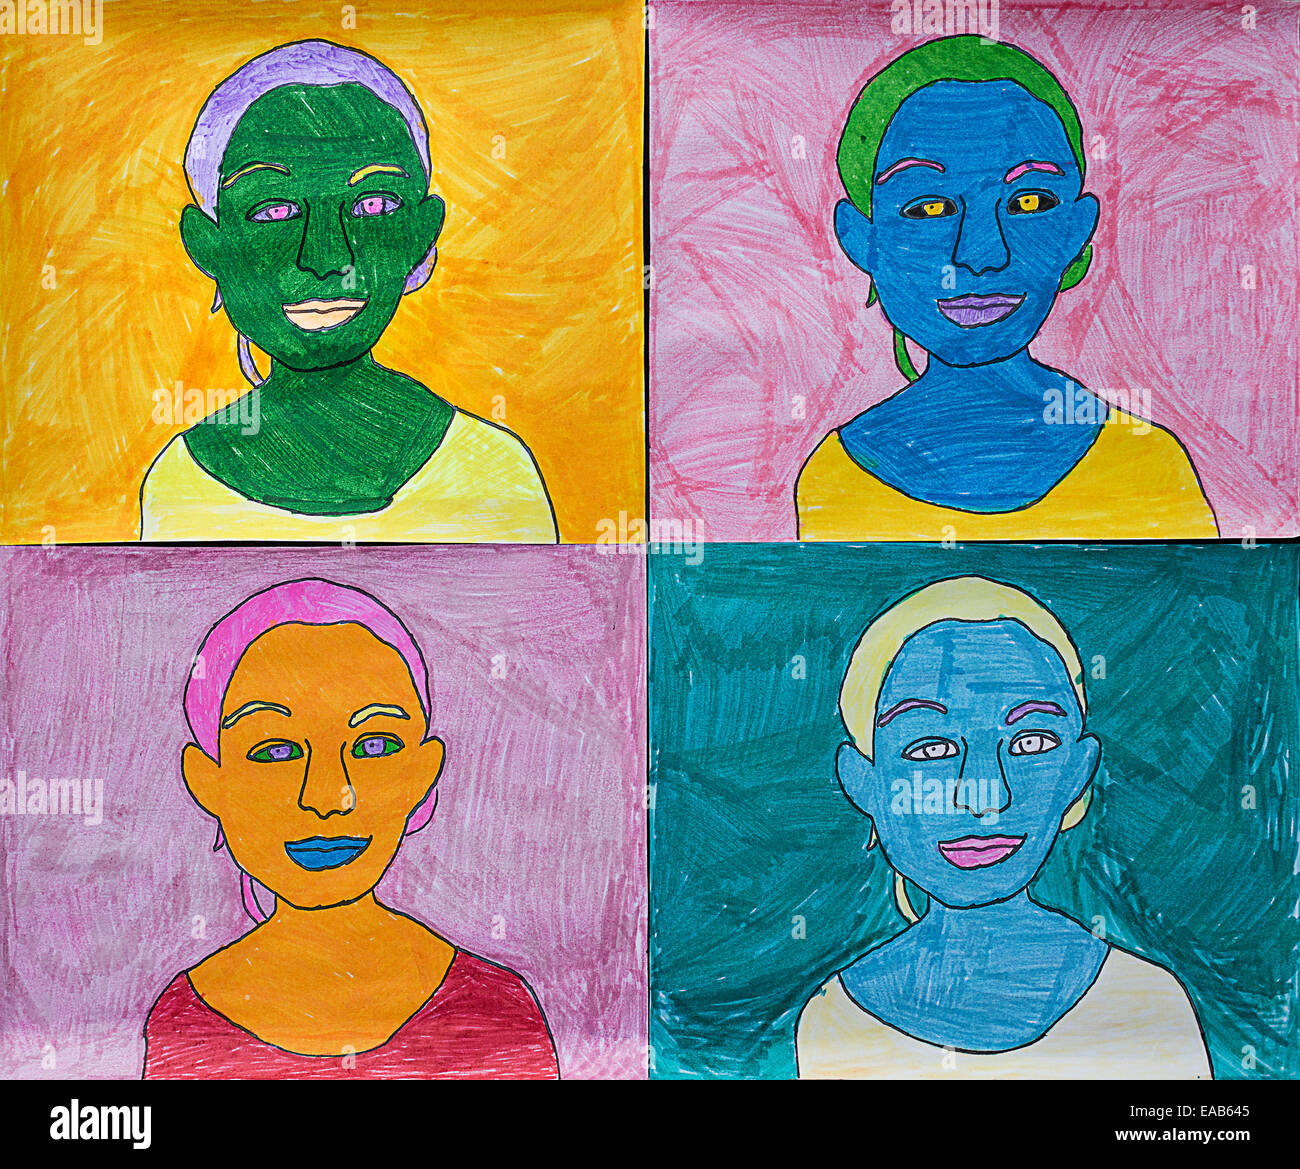 L'art de l'enfant projet sur Warhol. Banque D'Images